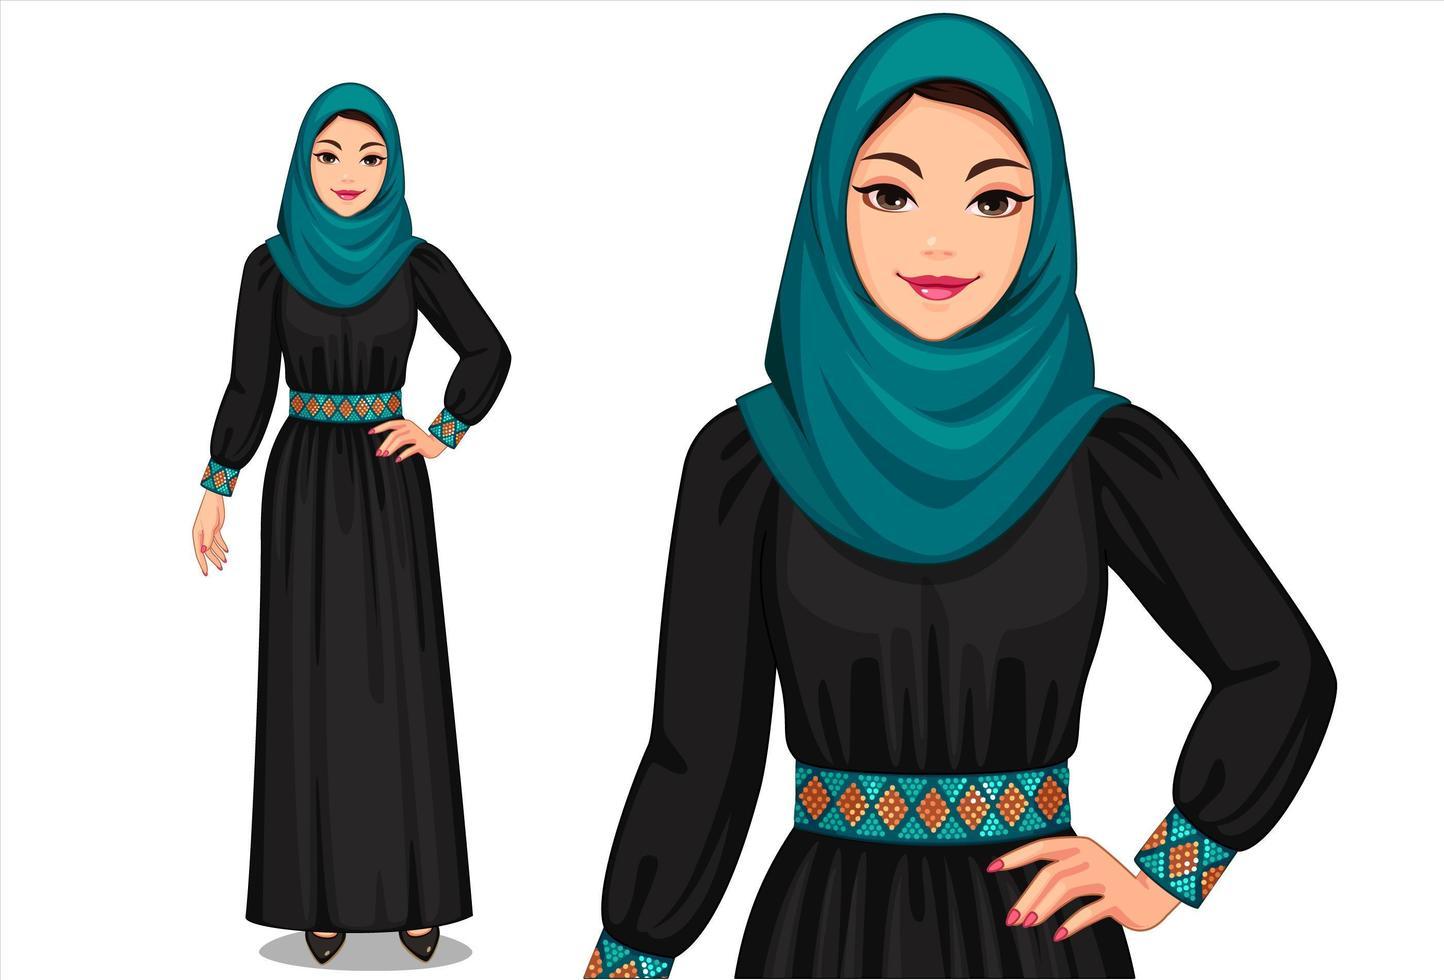 muslimische Frauen im traditionellen Outfit vektor